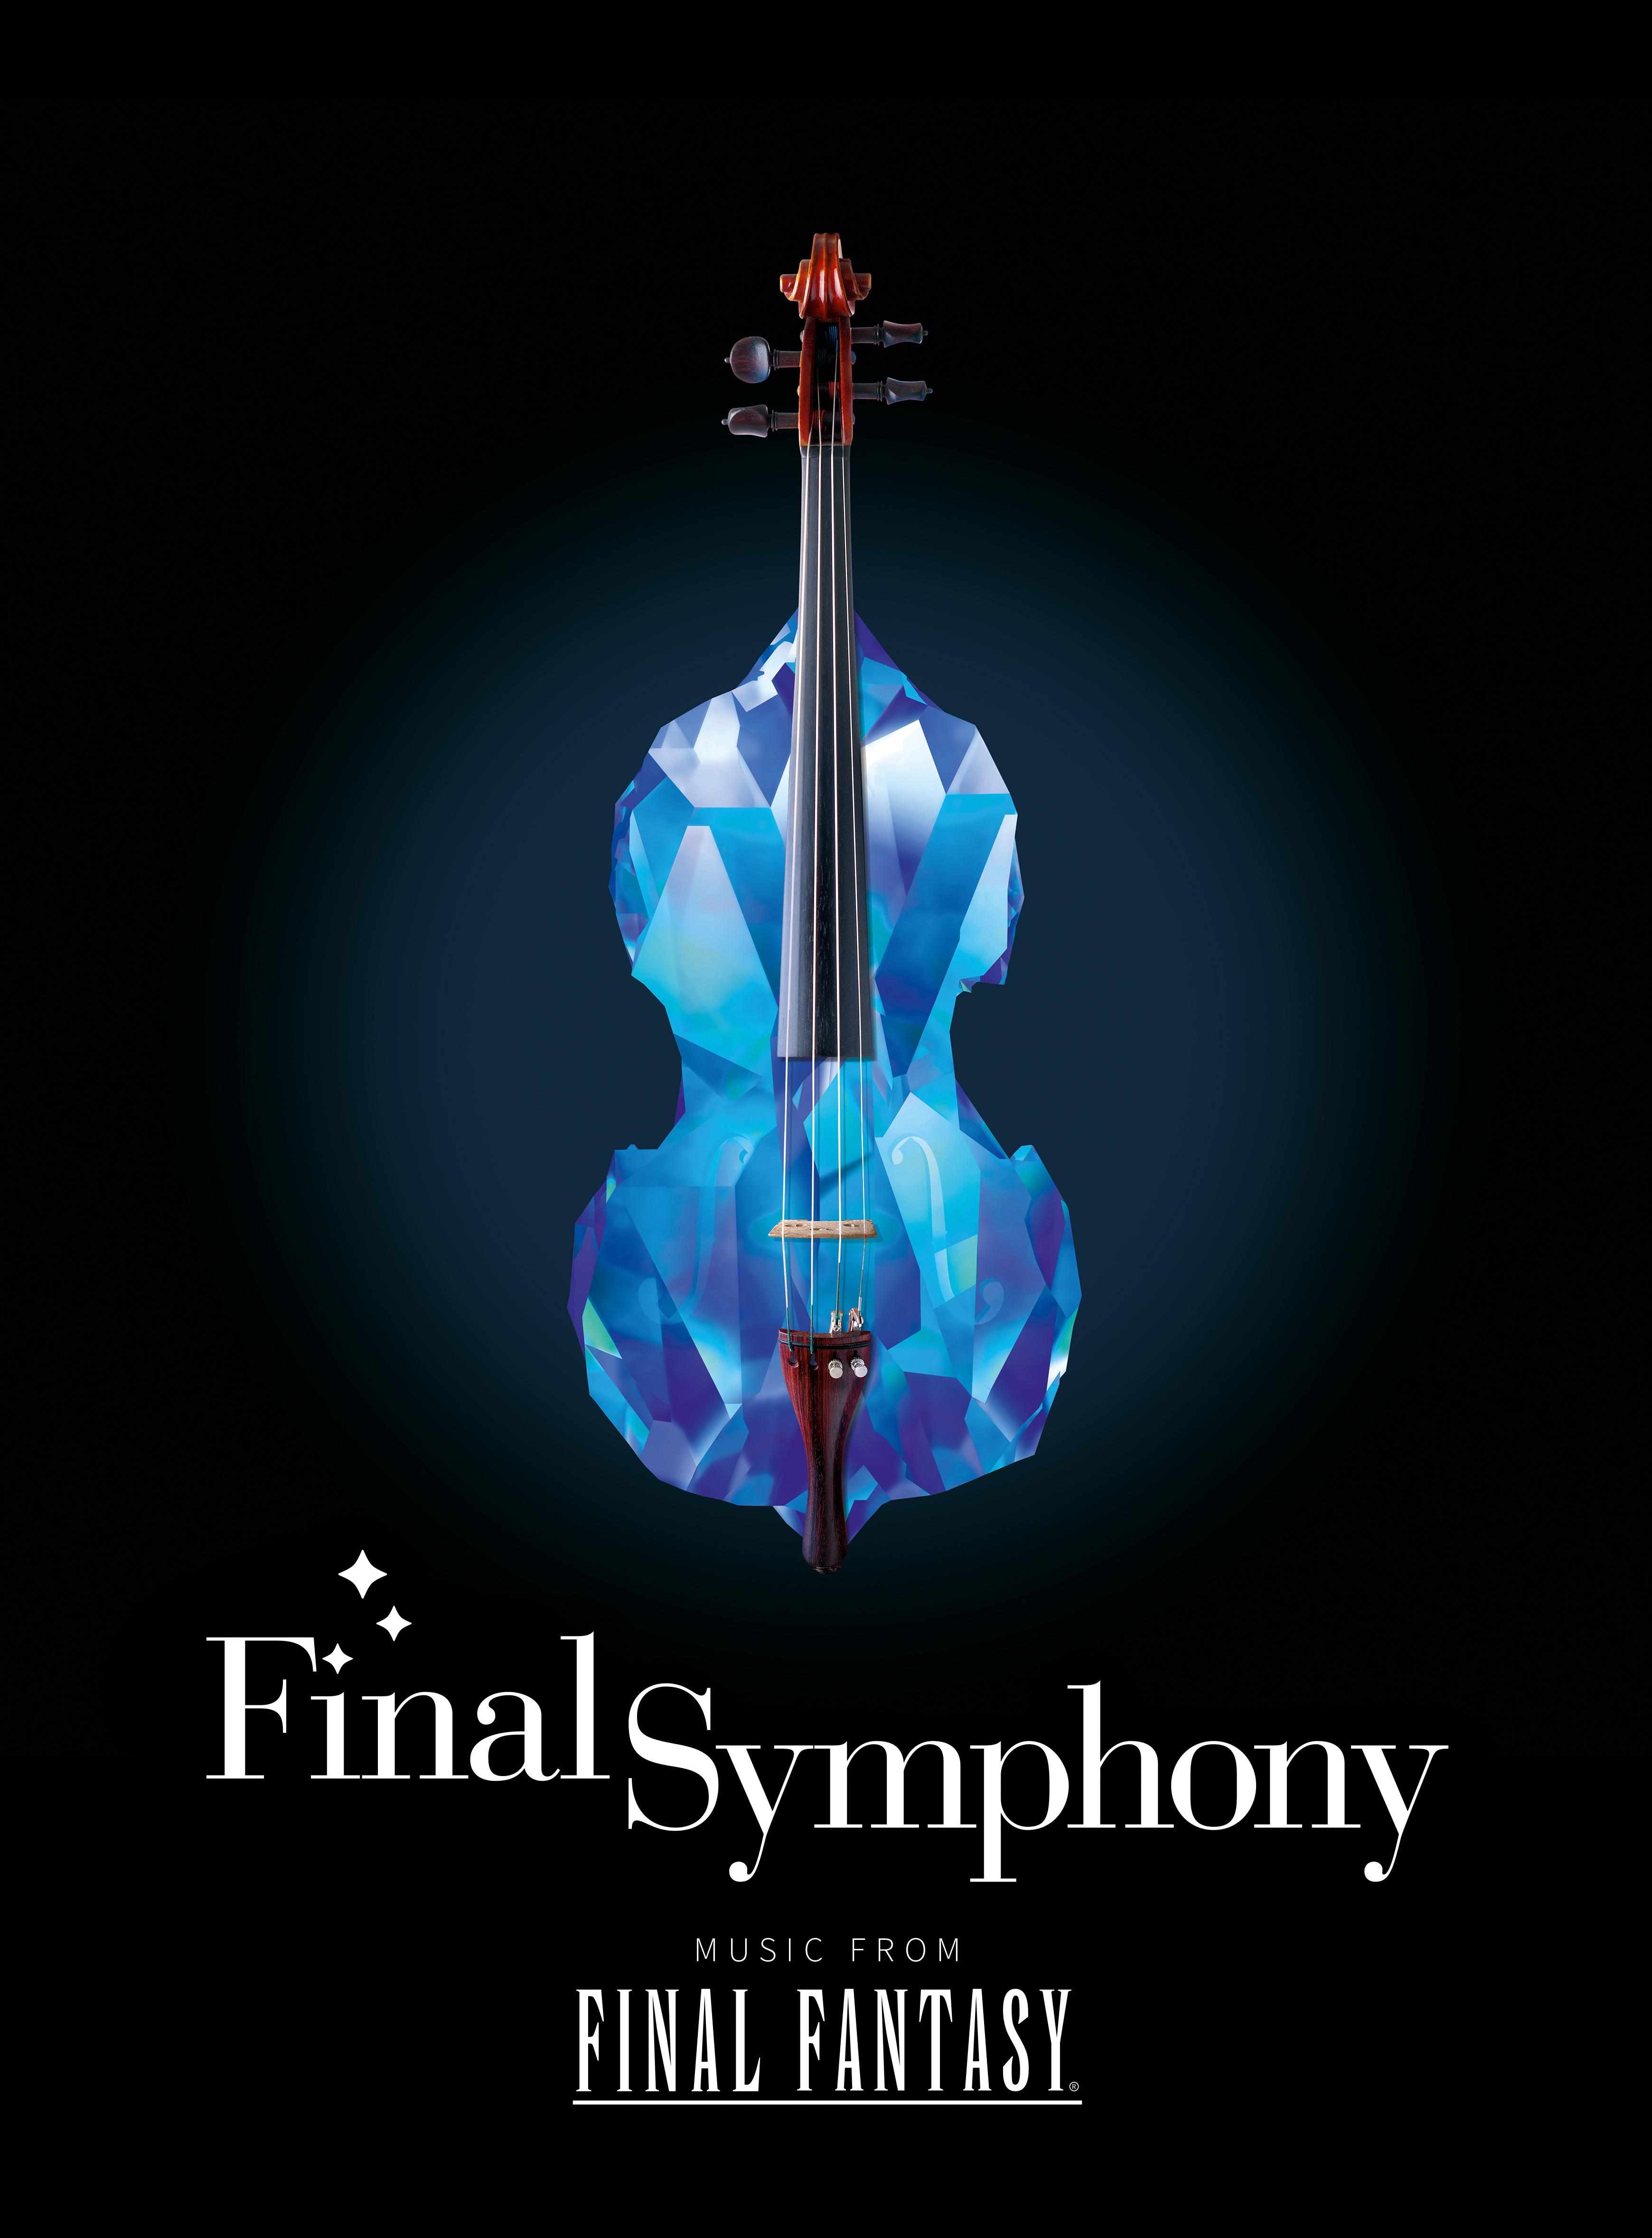 Final Symphony, Final Fantasy